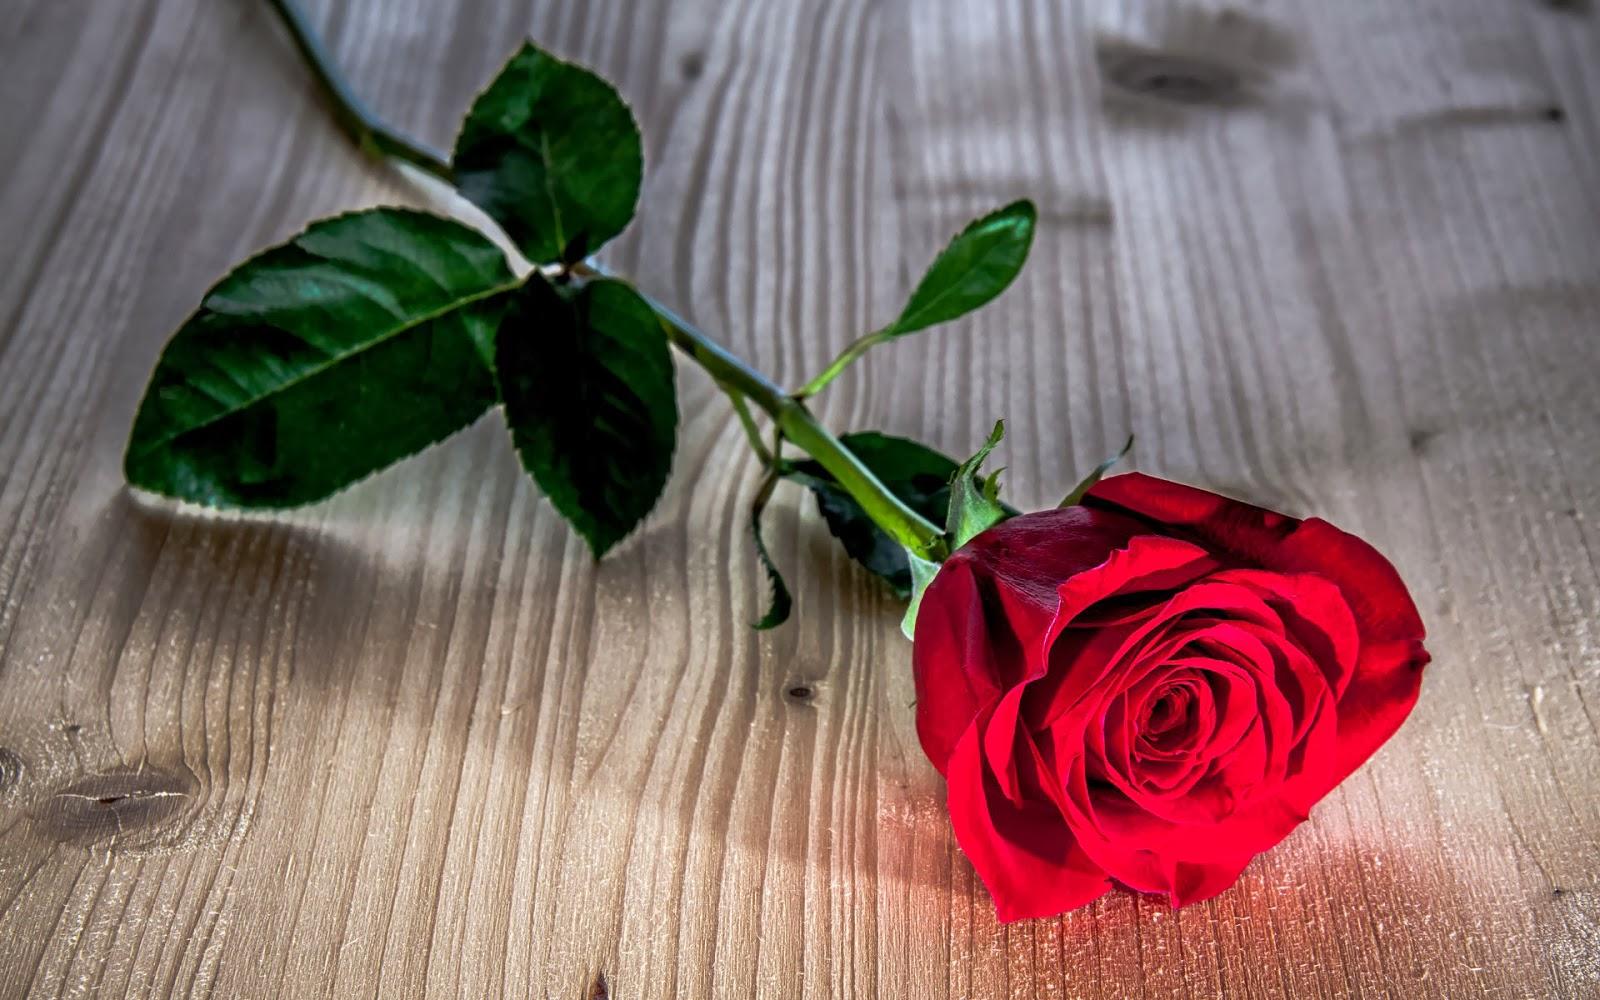 foto roos houtenen ondergrond